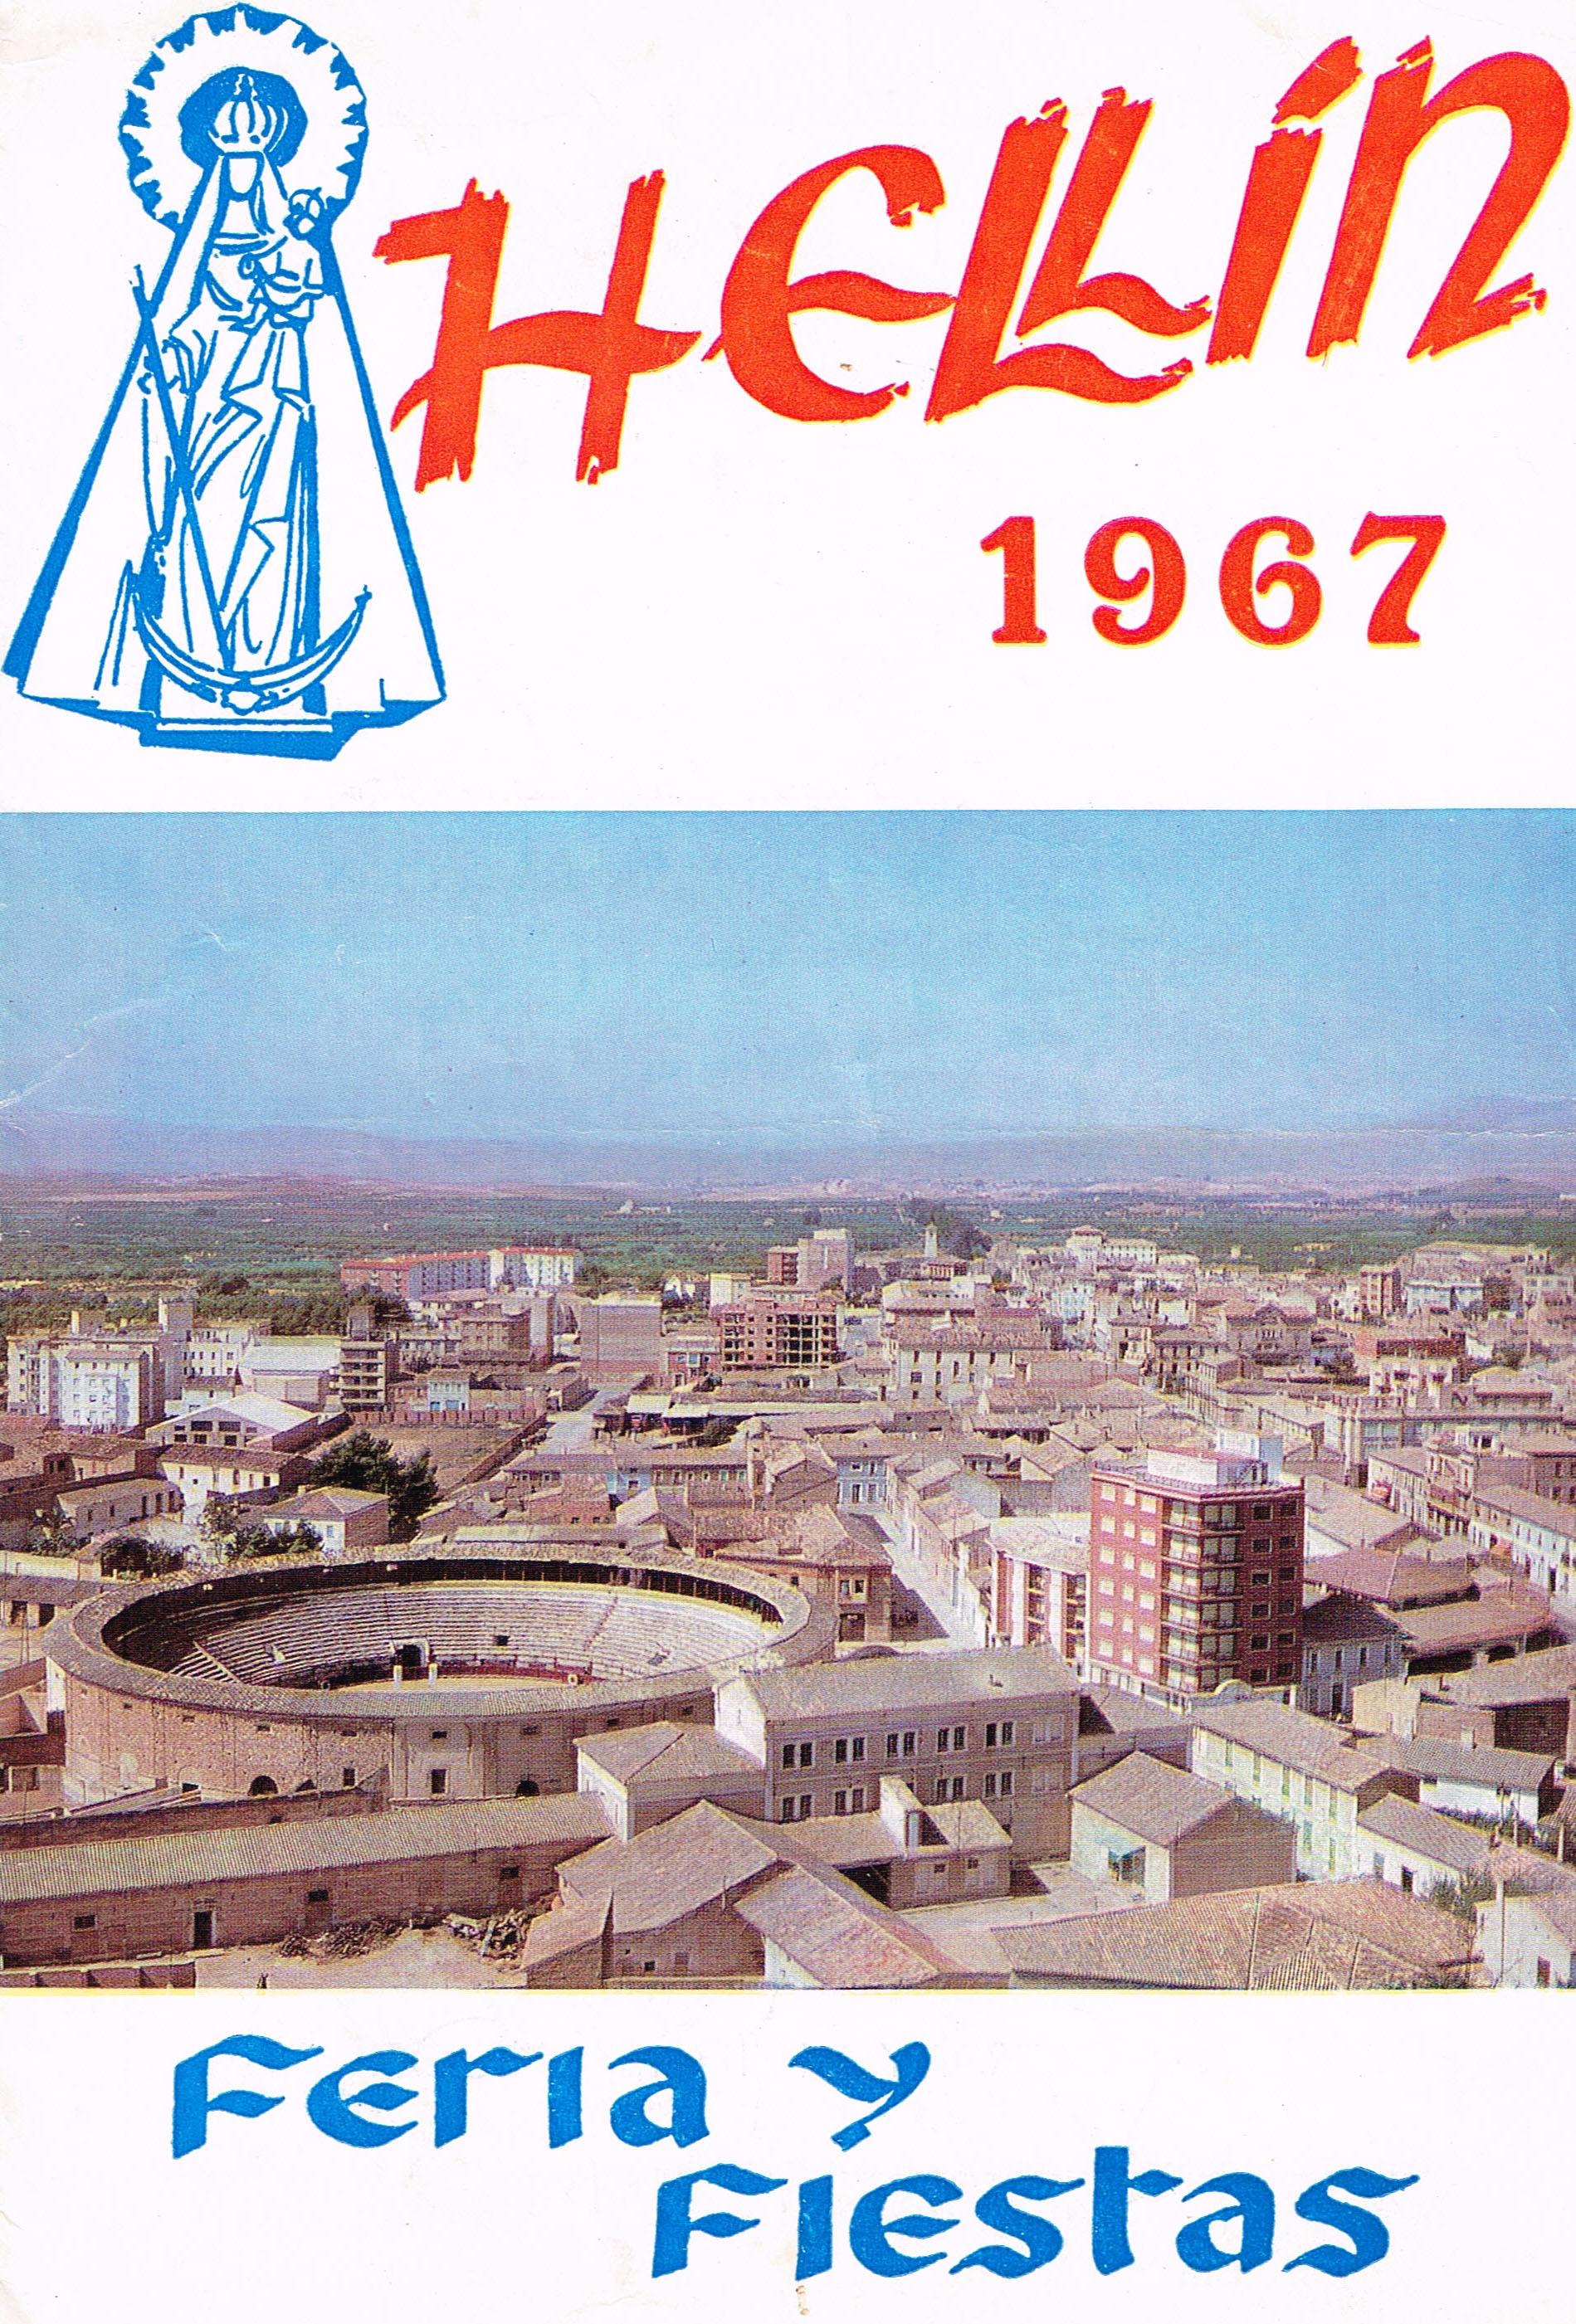 Programa de la Feria de Hellín - 1967